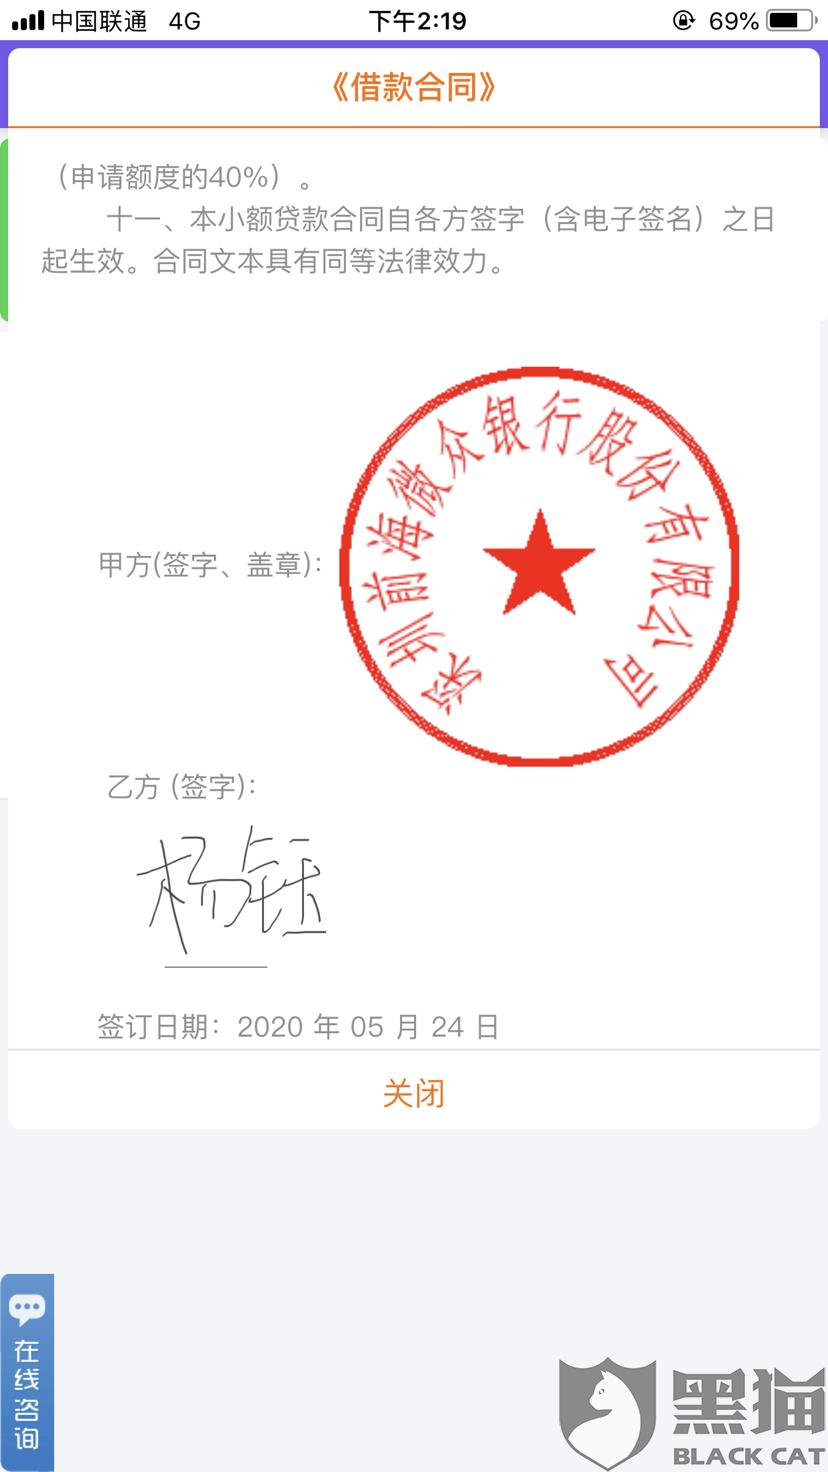 黑猫投诉:以微粒贷为名的深圳前海微众银行股份有限公司需要贷款